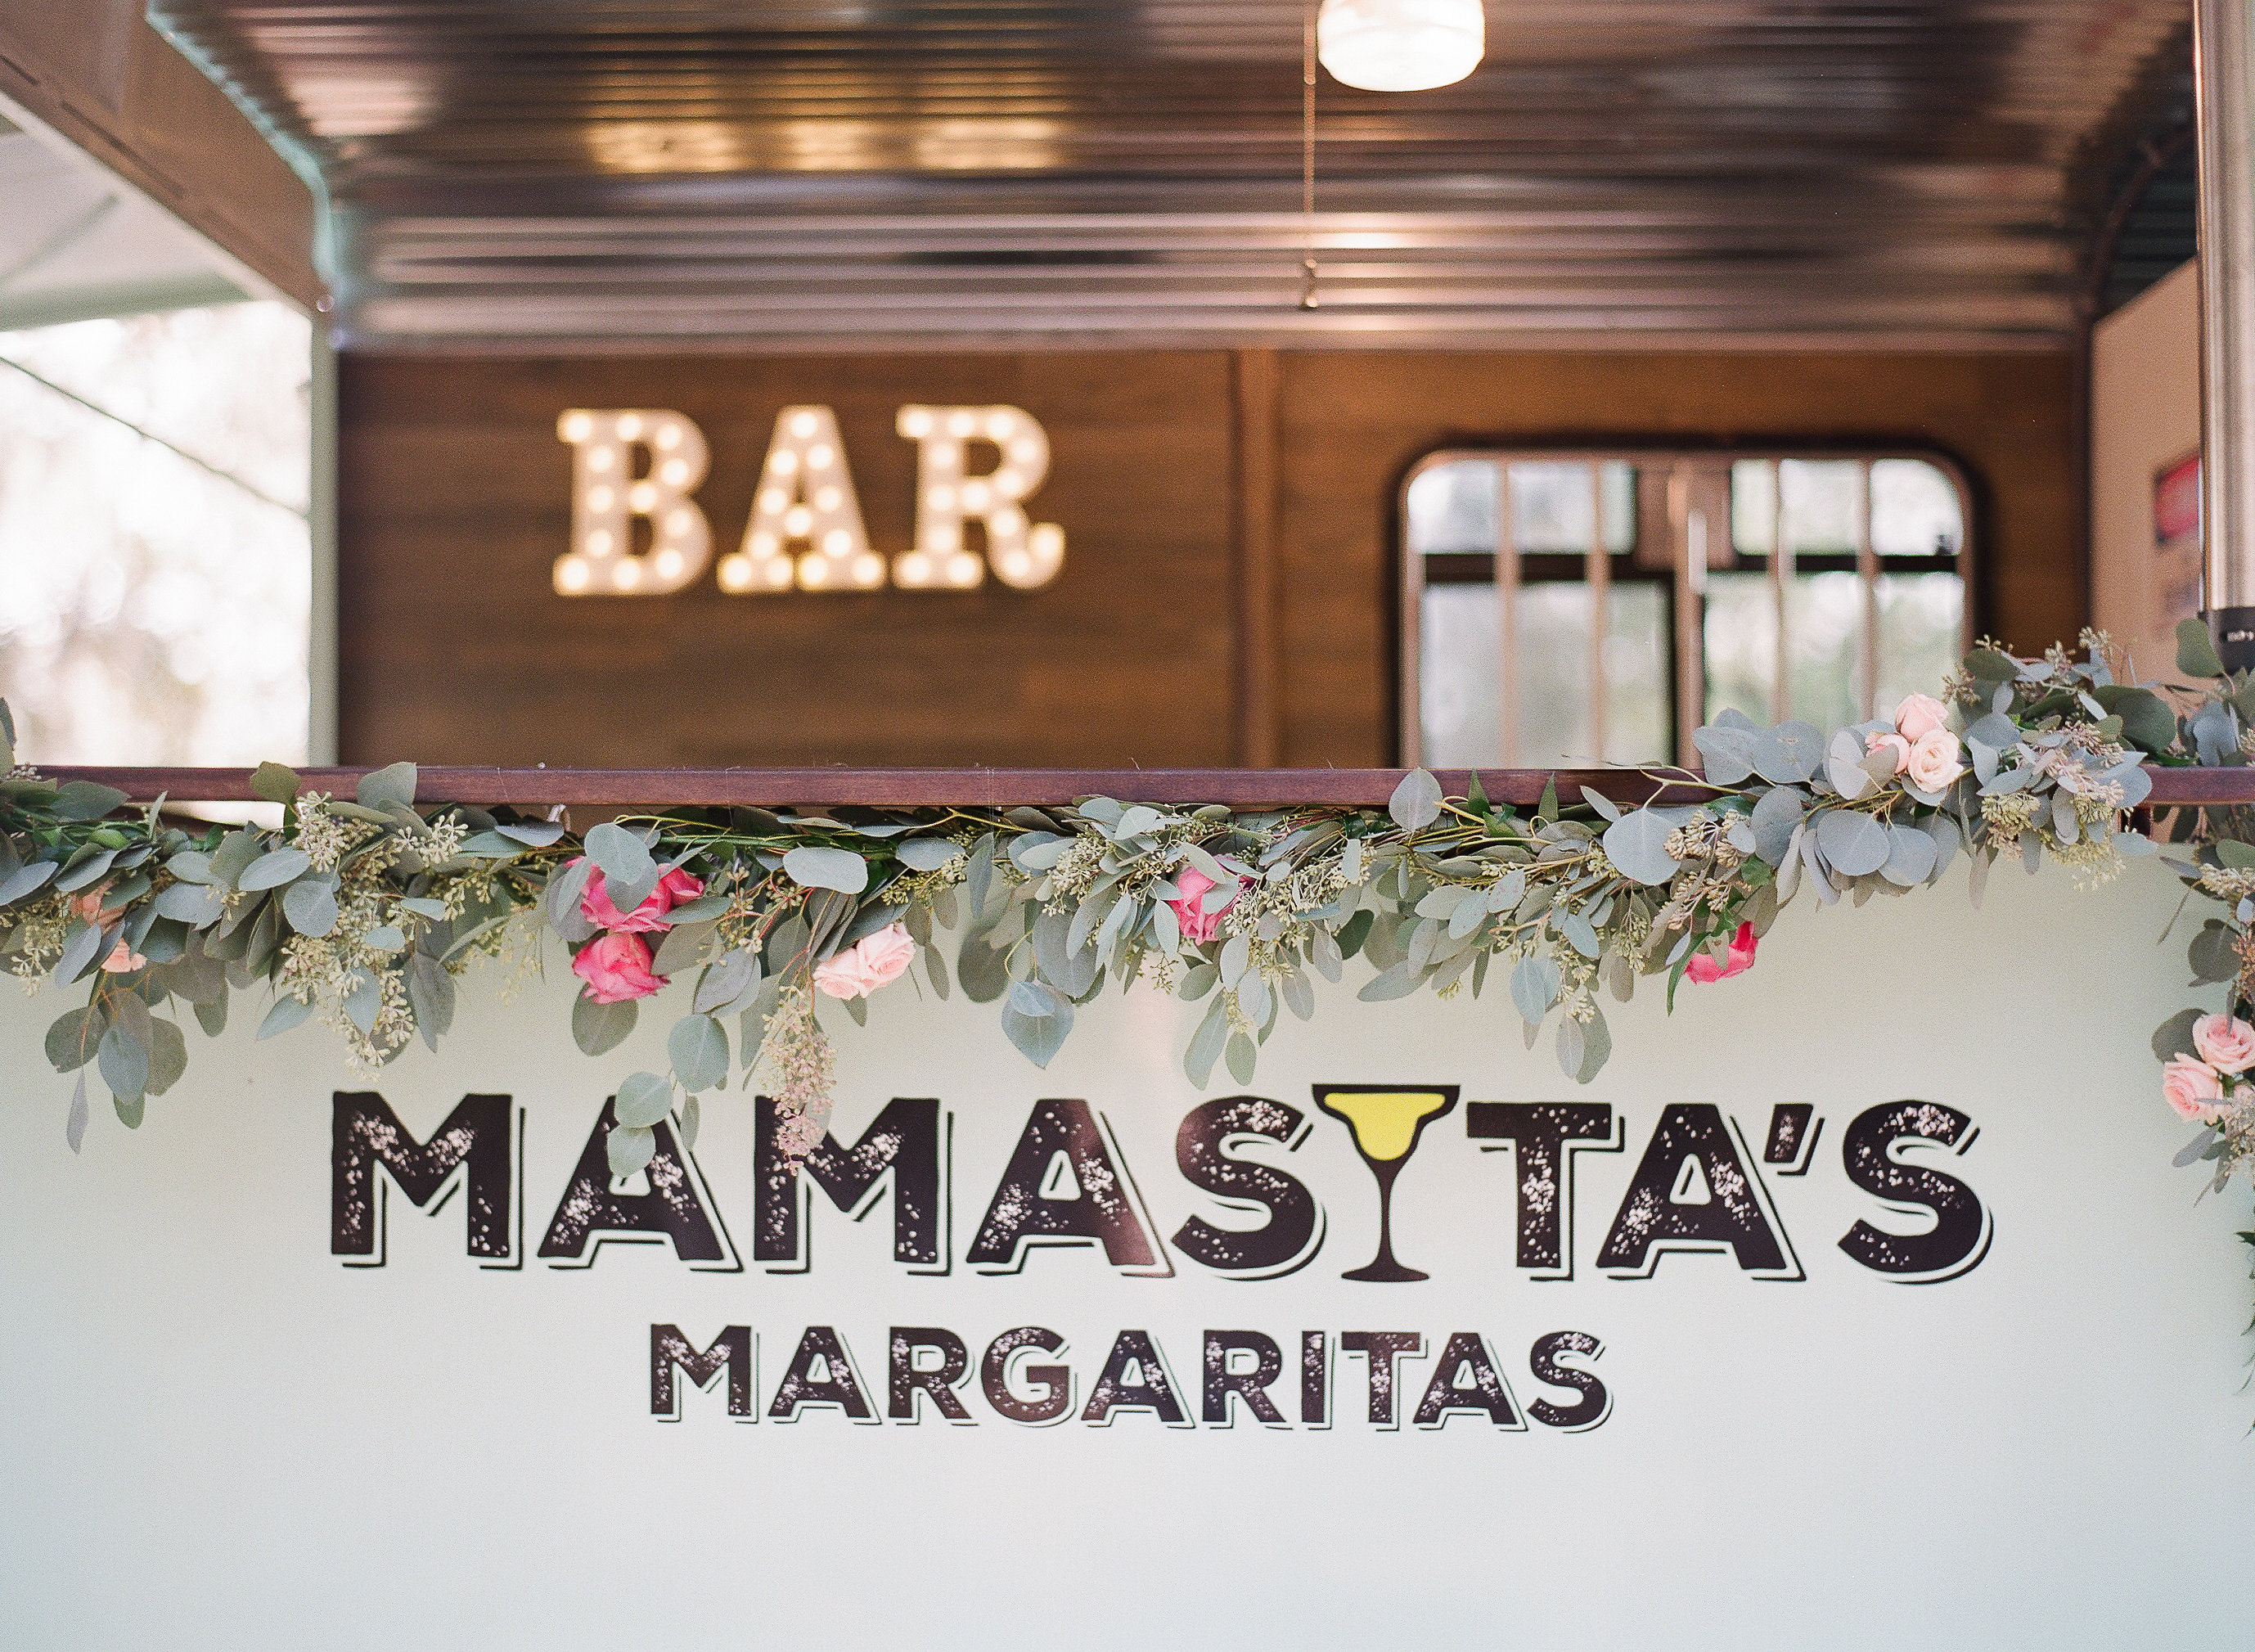 Mamasita's Bar